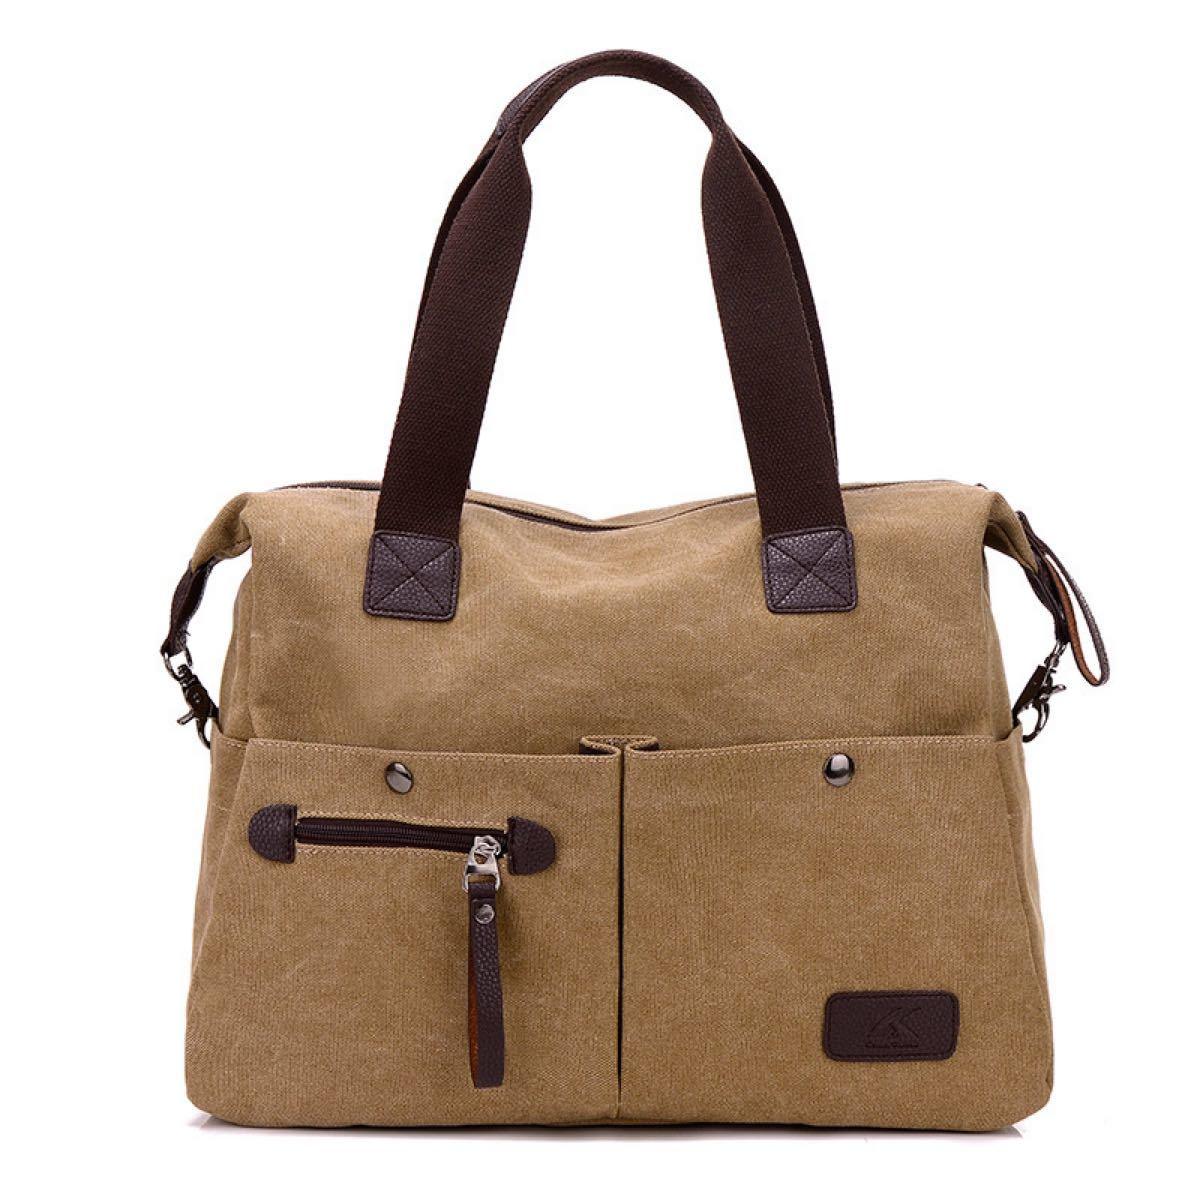 トートバッグ 3way A4 通勤 通学 大容量 ママバック ショルダーバッグ  帆布トートバッグ  キャンバスバッグ